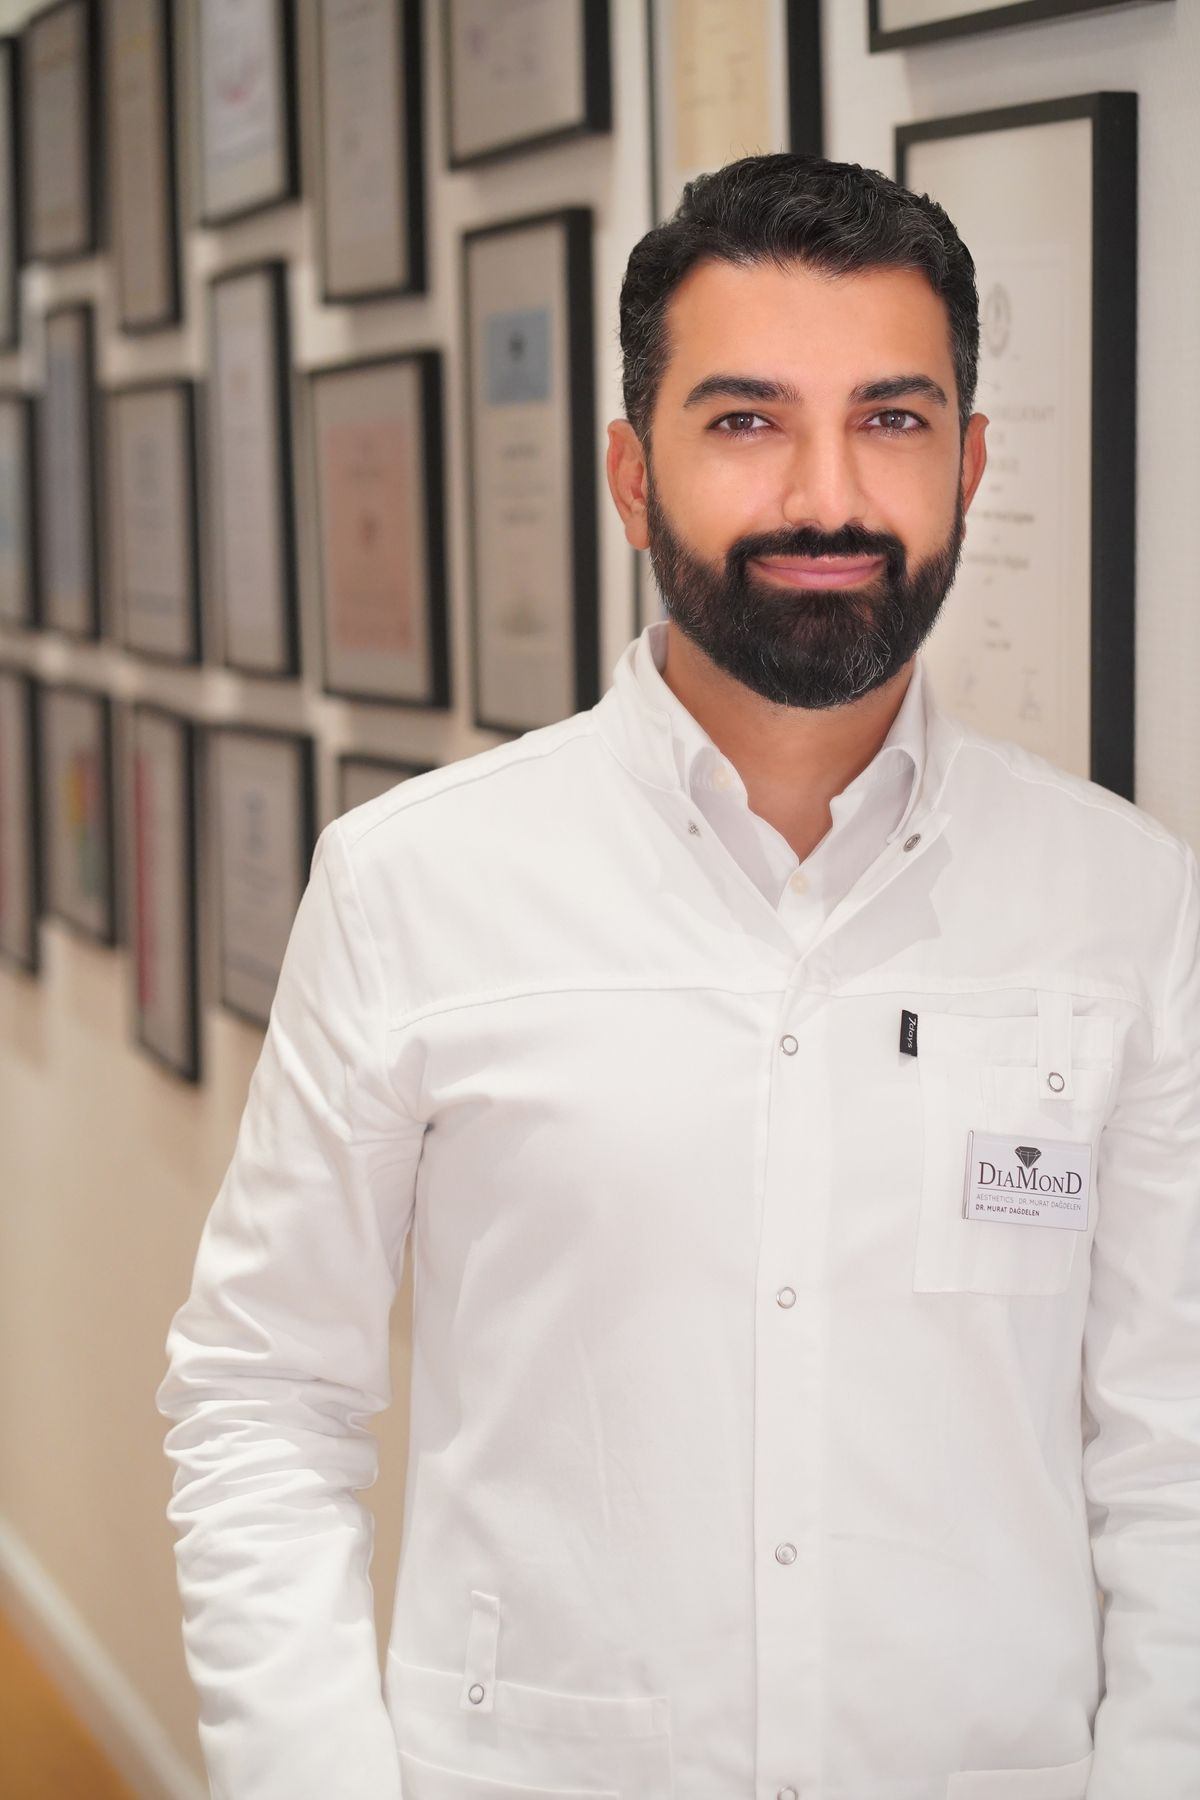 Dr. Murat Dağdelen, Facharzt für Plastische und Ästhetische Chirurgie und Gründer und Ärztlicher Direktor von DiaMonD Aesthetics in Düsseldorf.